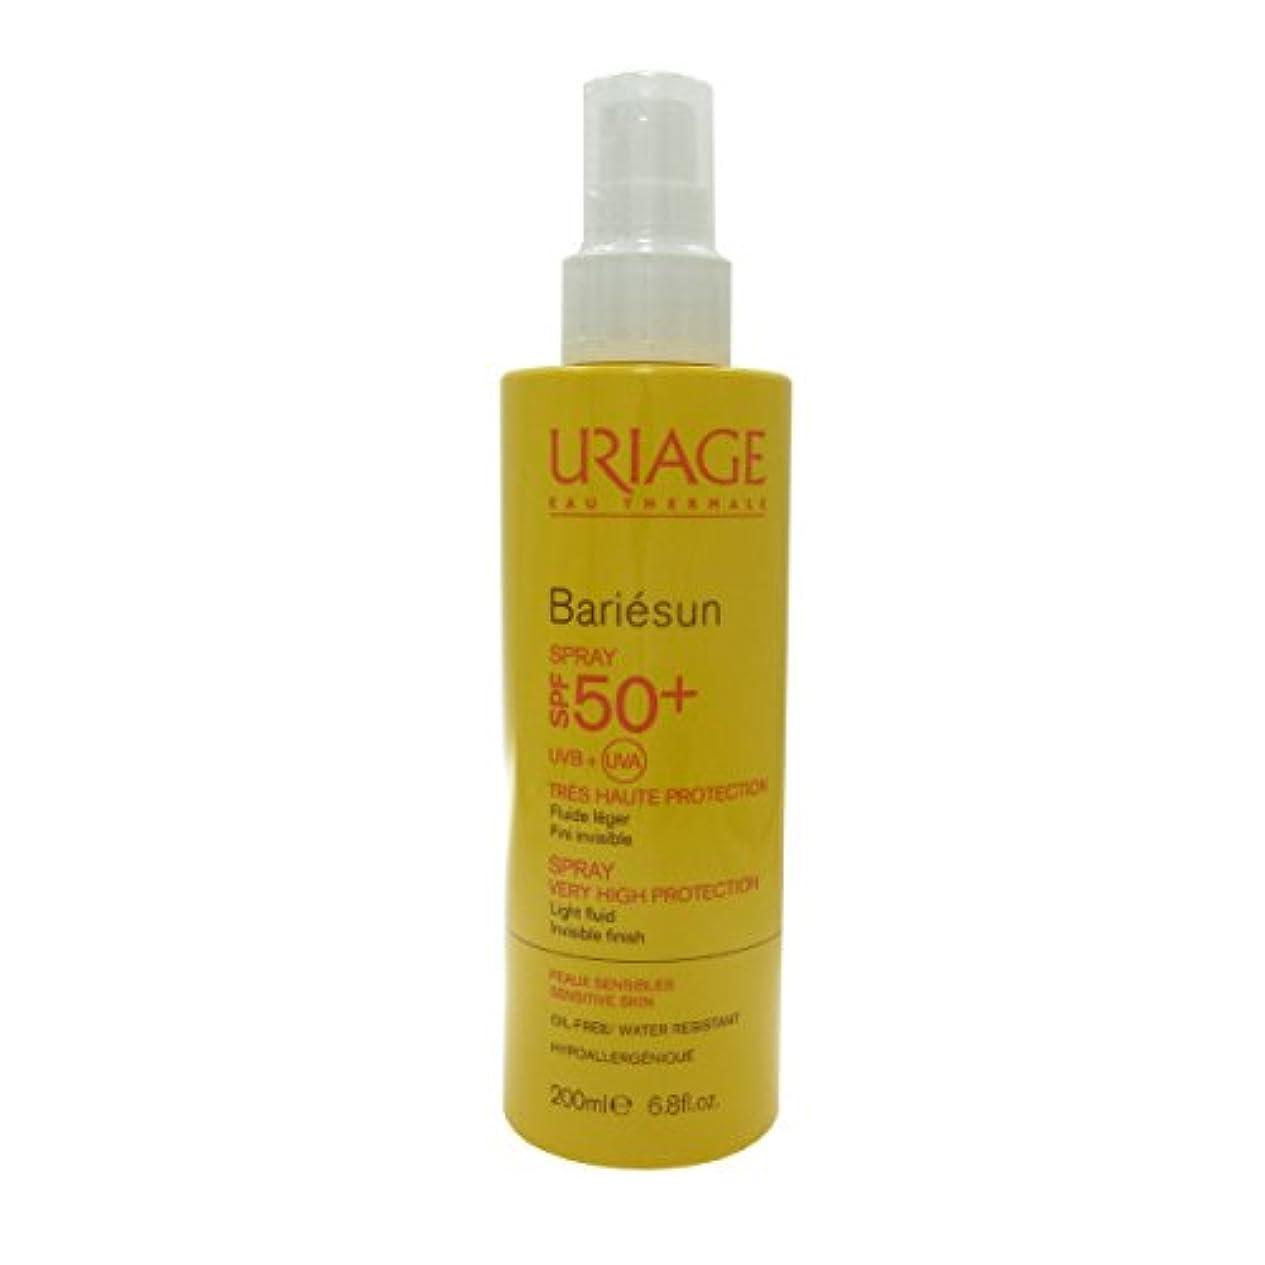 思慮のない聡明ドレスUriage Bariesun Spray Spf 50+ 200ml [並行輸入品]